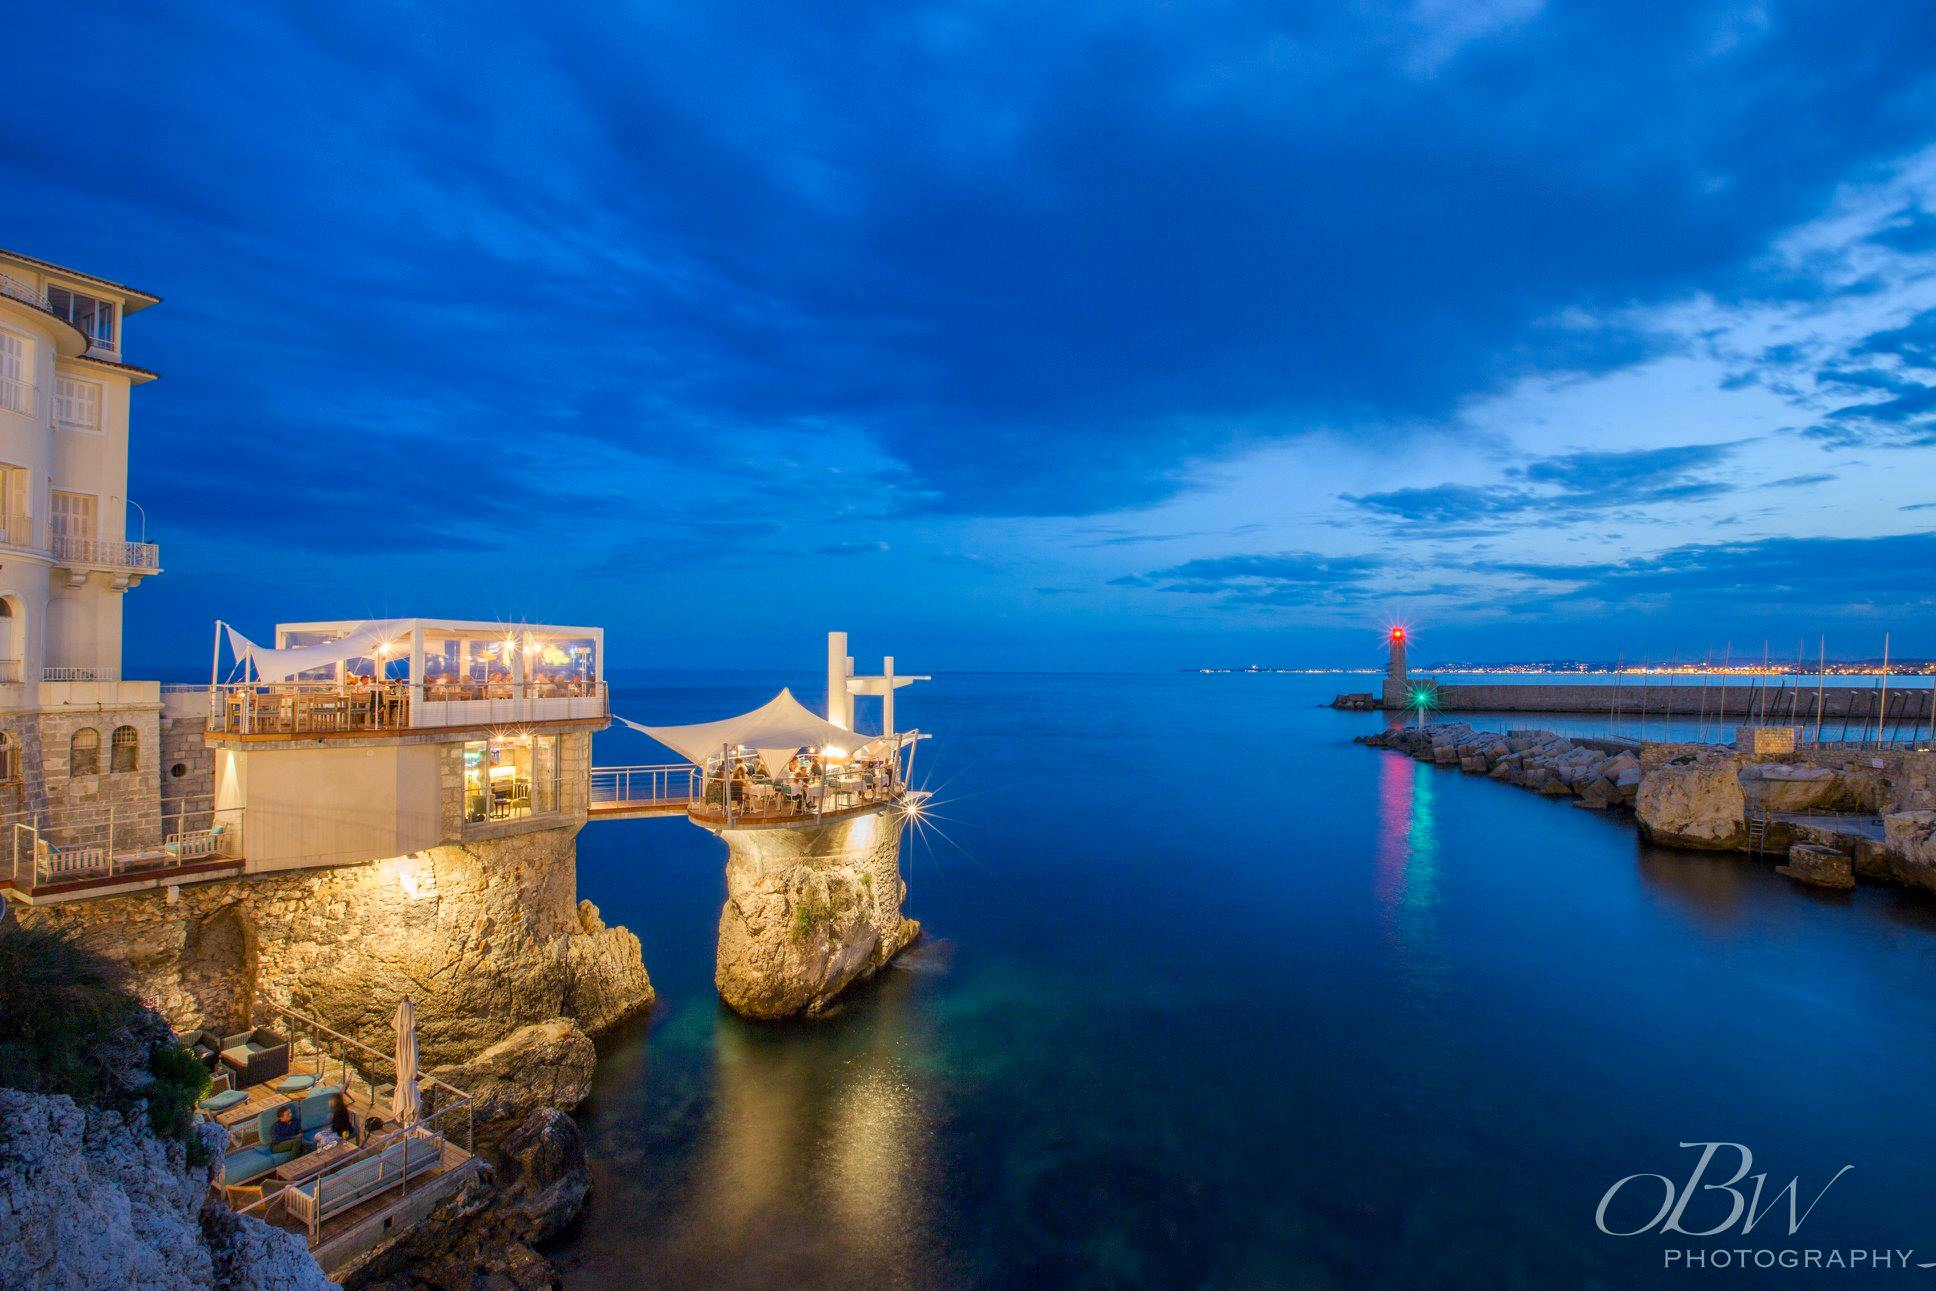 מסעדה בת 200 שנה, בסירת מפרש באוויר: Le Plongeoir Nice